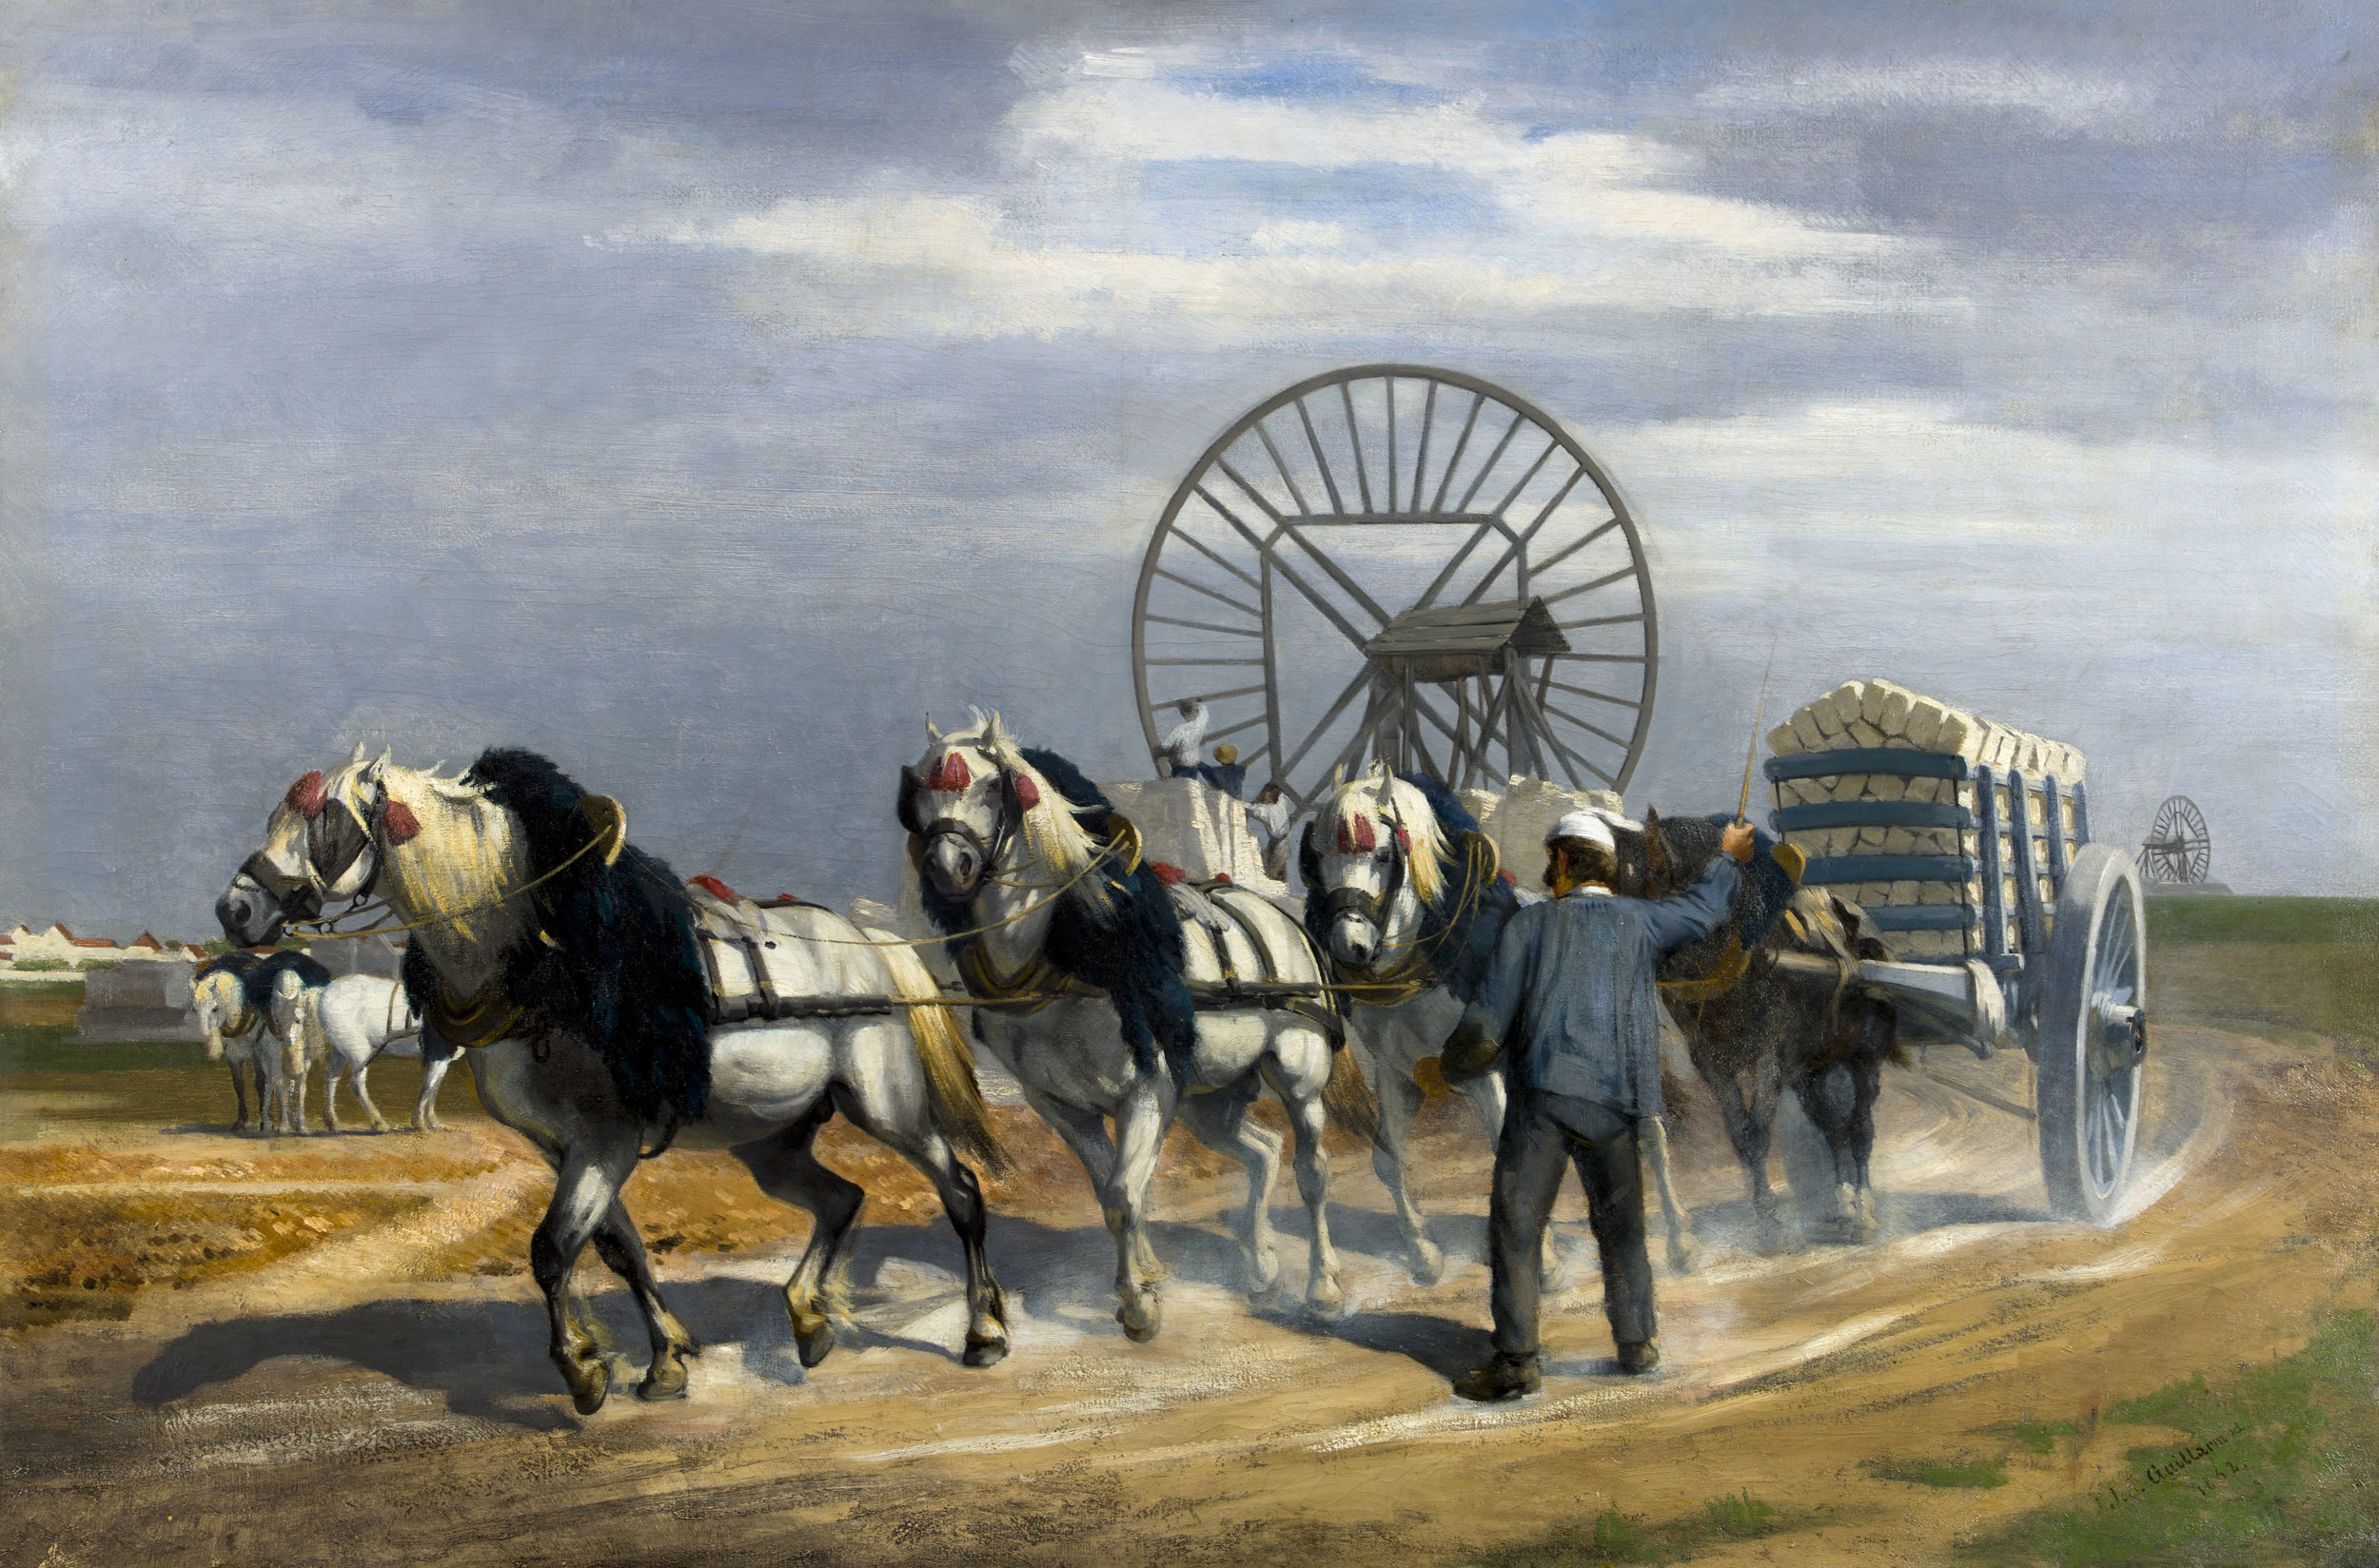 Le coup de collier (souvenir des carrières de Montrouge, près de Paris)  de Jules Jacot Guillarmod, 1862, huile sur toile 98 x 148,5 cm